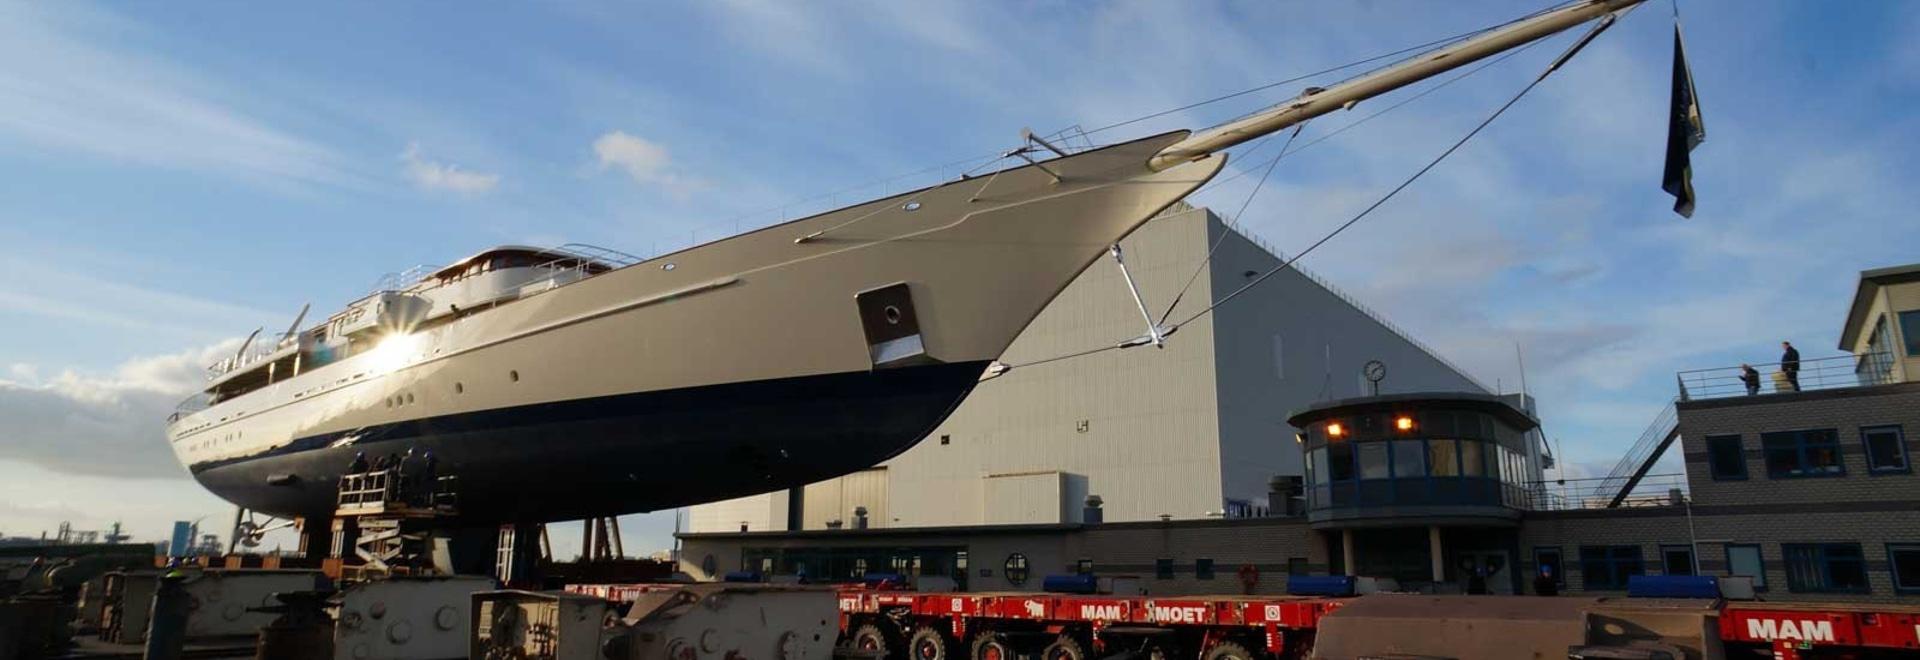 Der 90 Meter lange Schoner Athena tritt nach dem Umbau glänzend aus Royal Huisman hervor